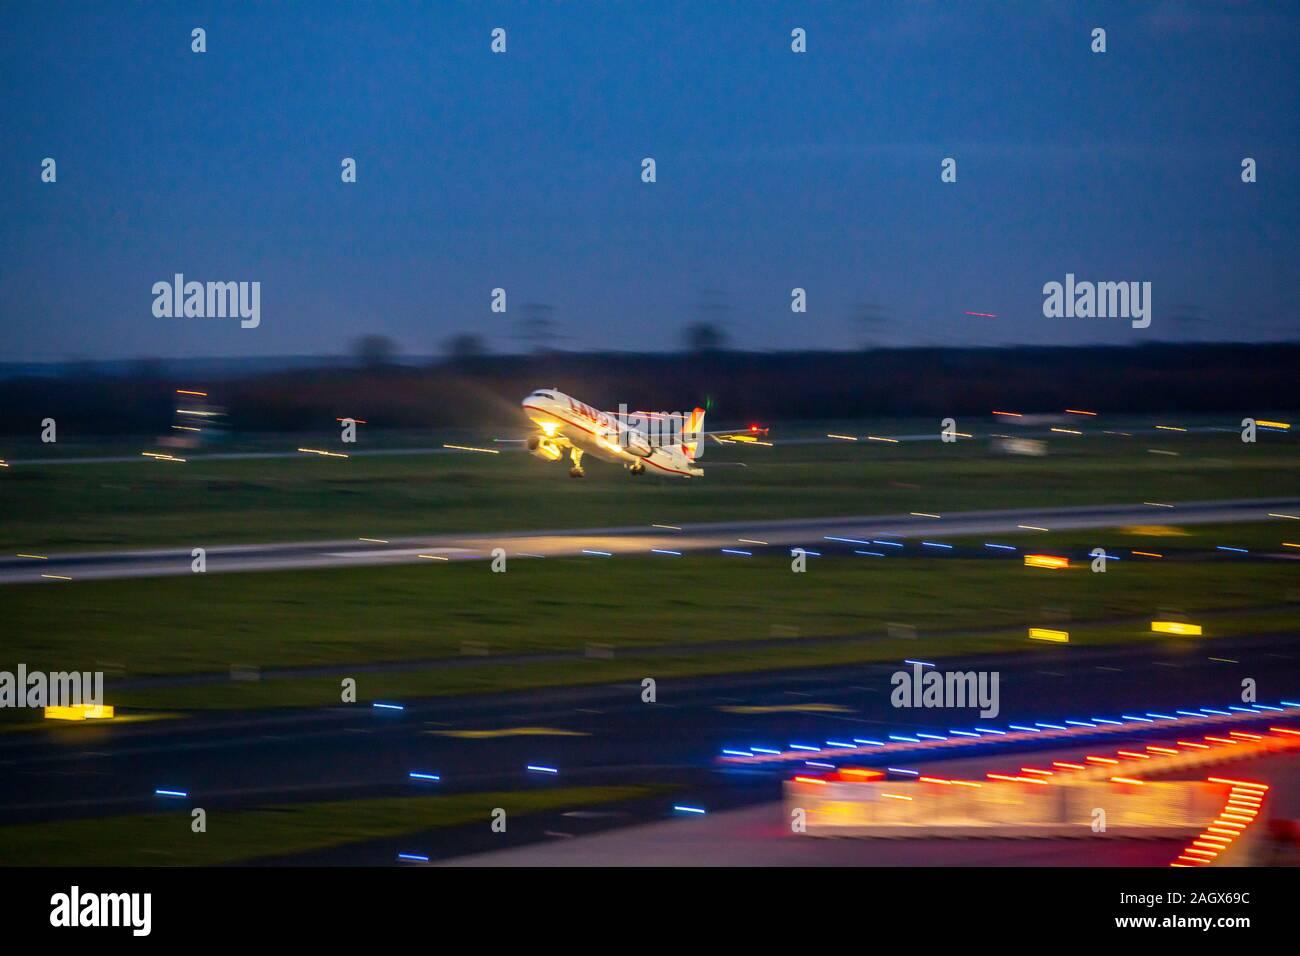 Aeropuerto Internacional DŸsseldorf, DHE, avión despegando en la noche, Laudamotion, Foto de stock